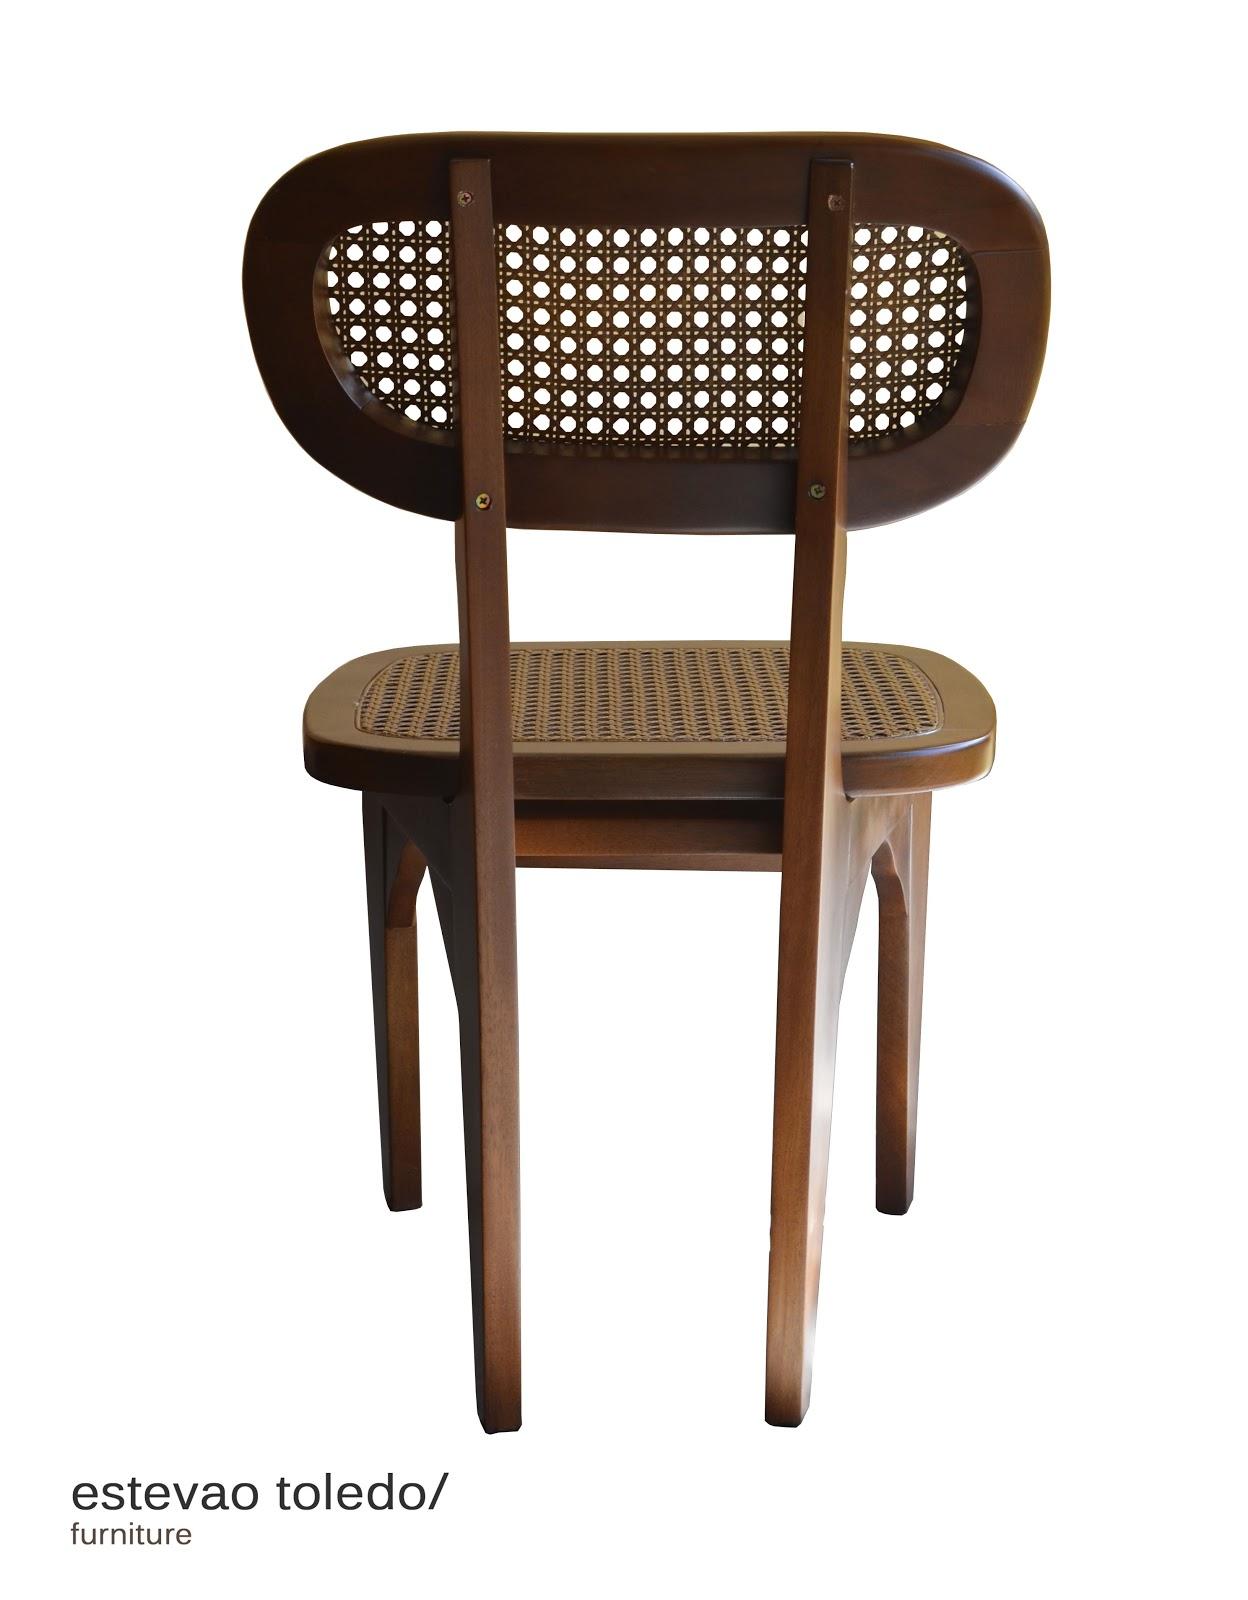 cadeira FLORIDA PLAHINHA/ Estevão Toledo/ Foto: Pamela Caszely #63432C 1248x1600